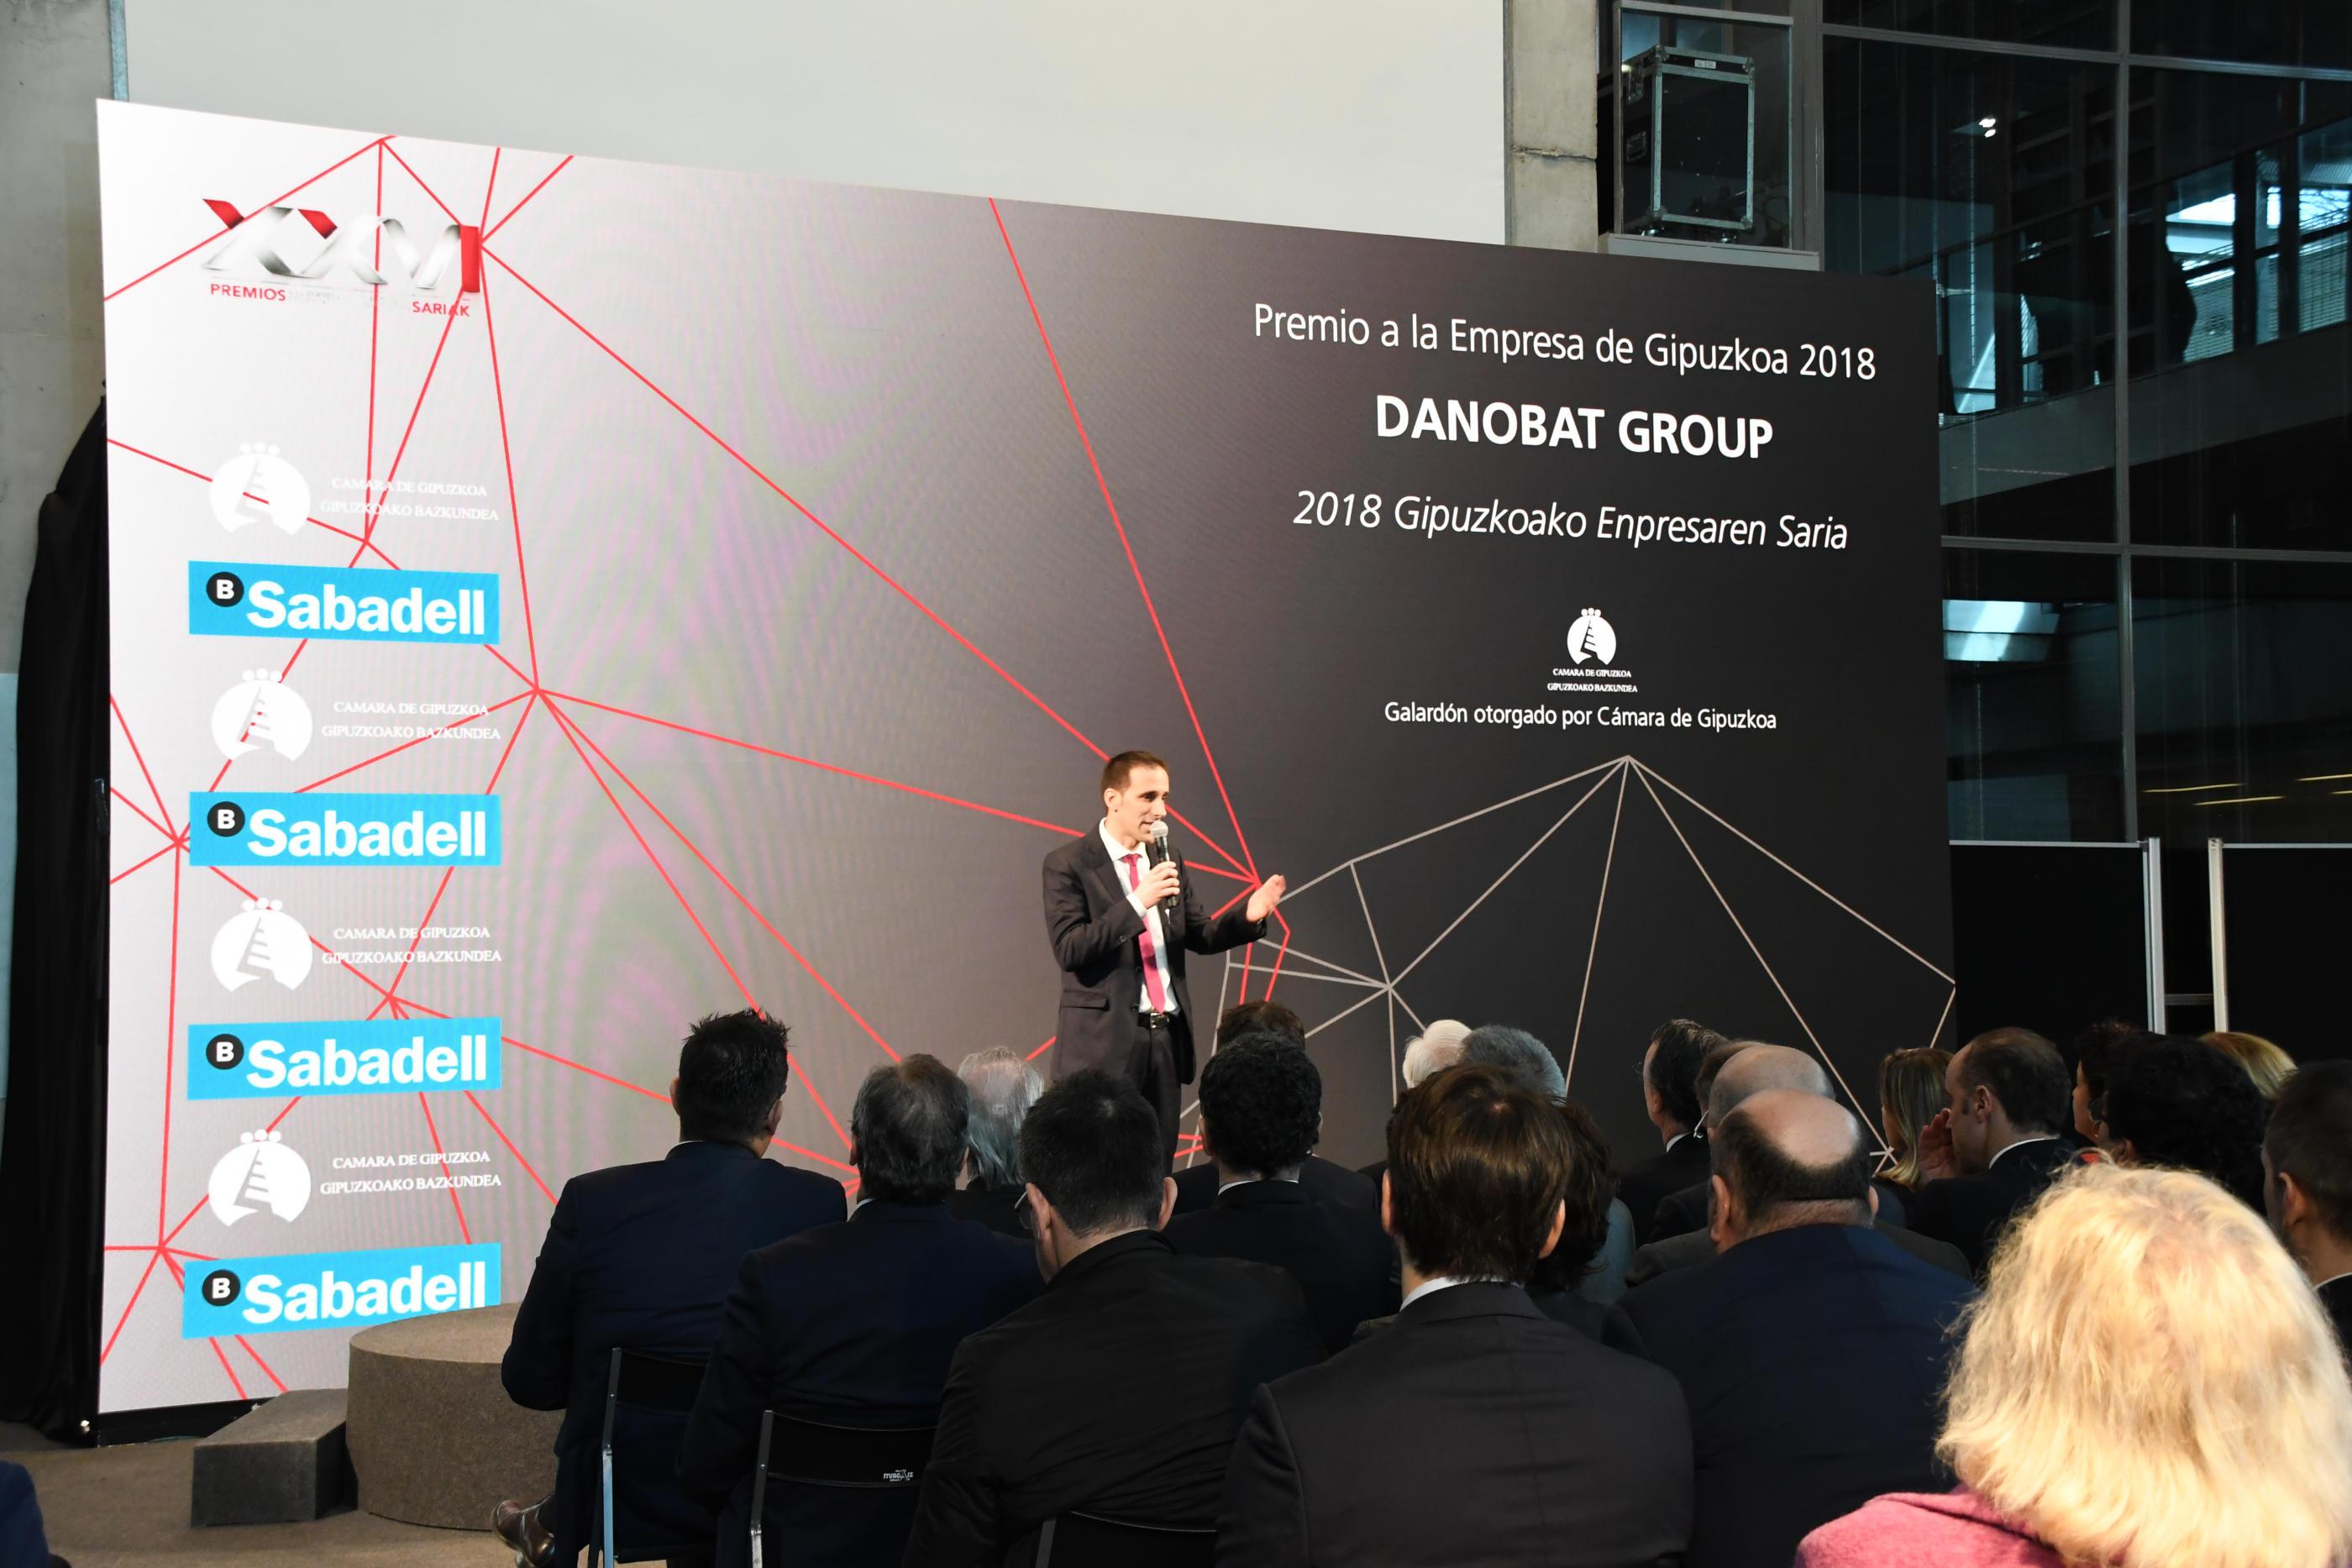 DANOBATGROUP recibe el premio Empresa de Gipuzkoa 2018